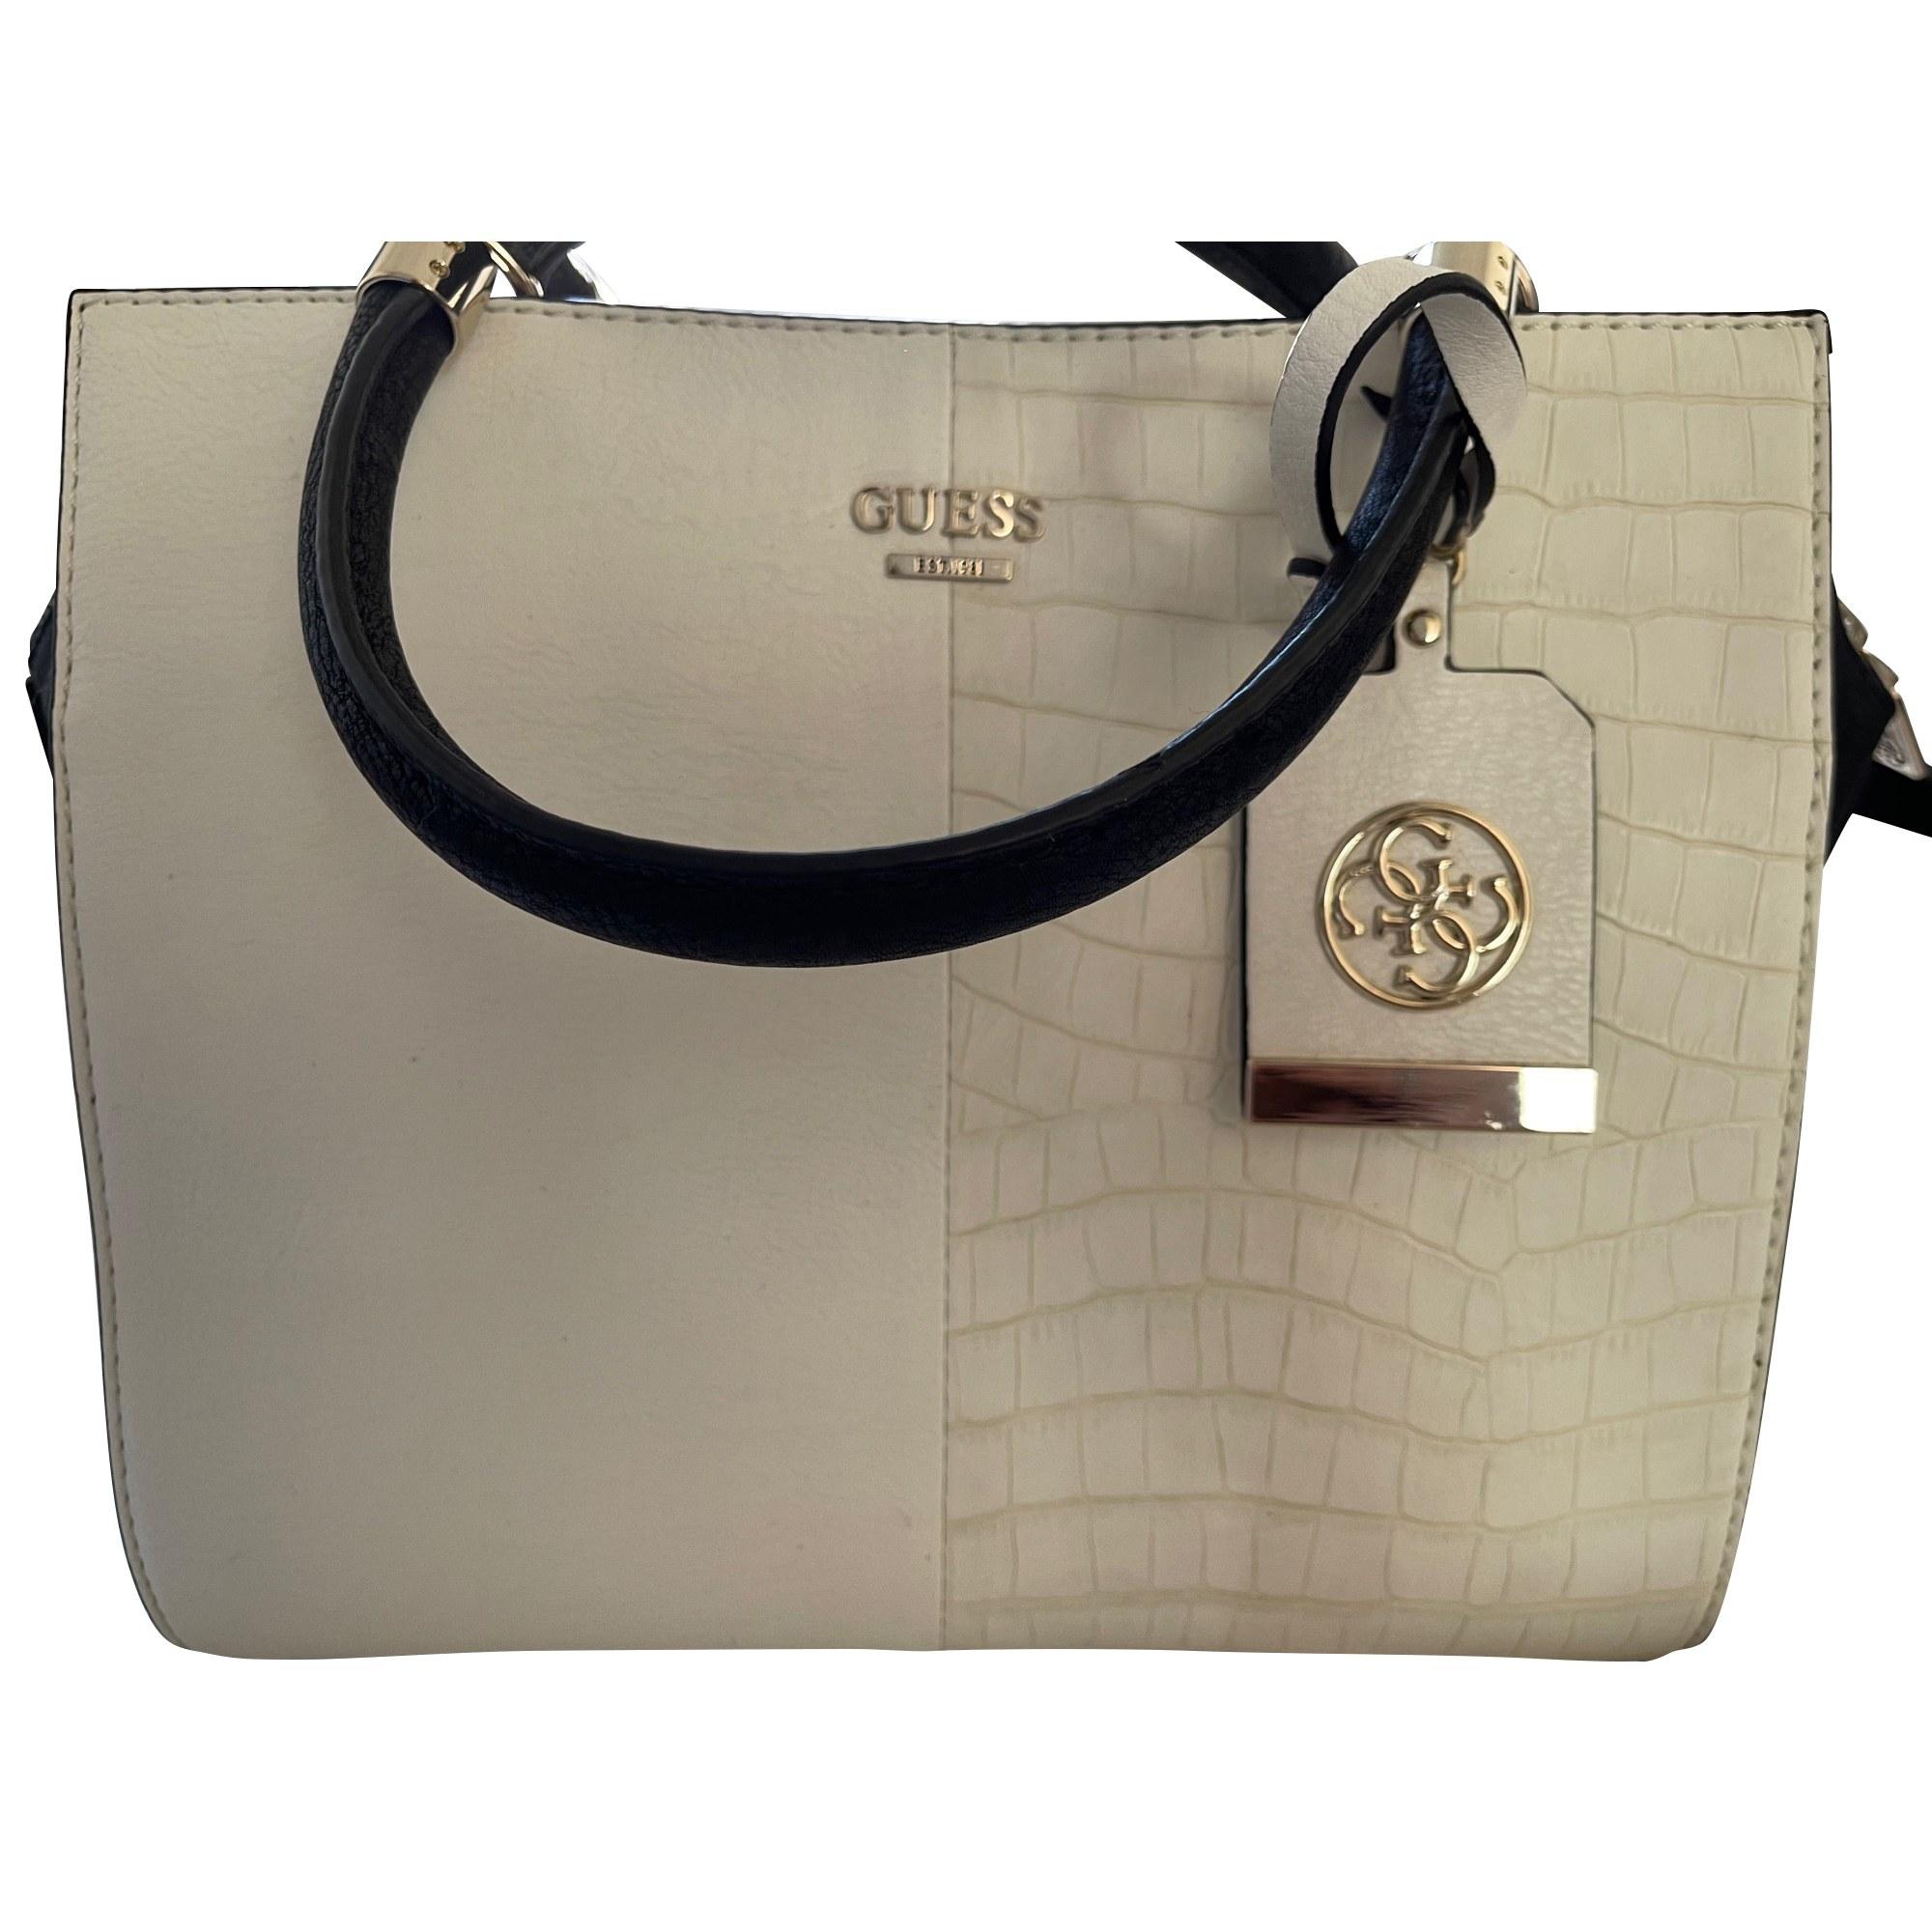 Lederhandtasche GUESS Weiß, elfenbeinfarben